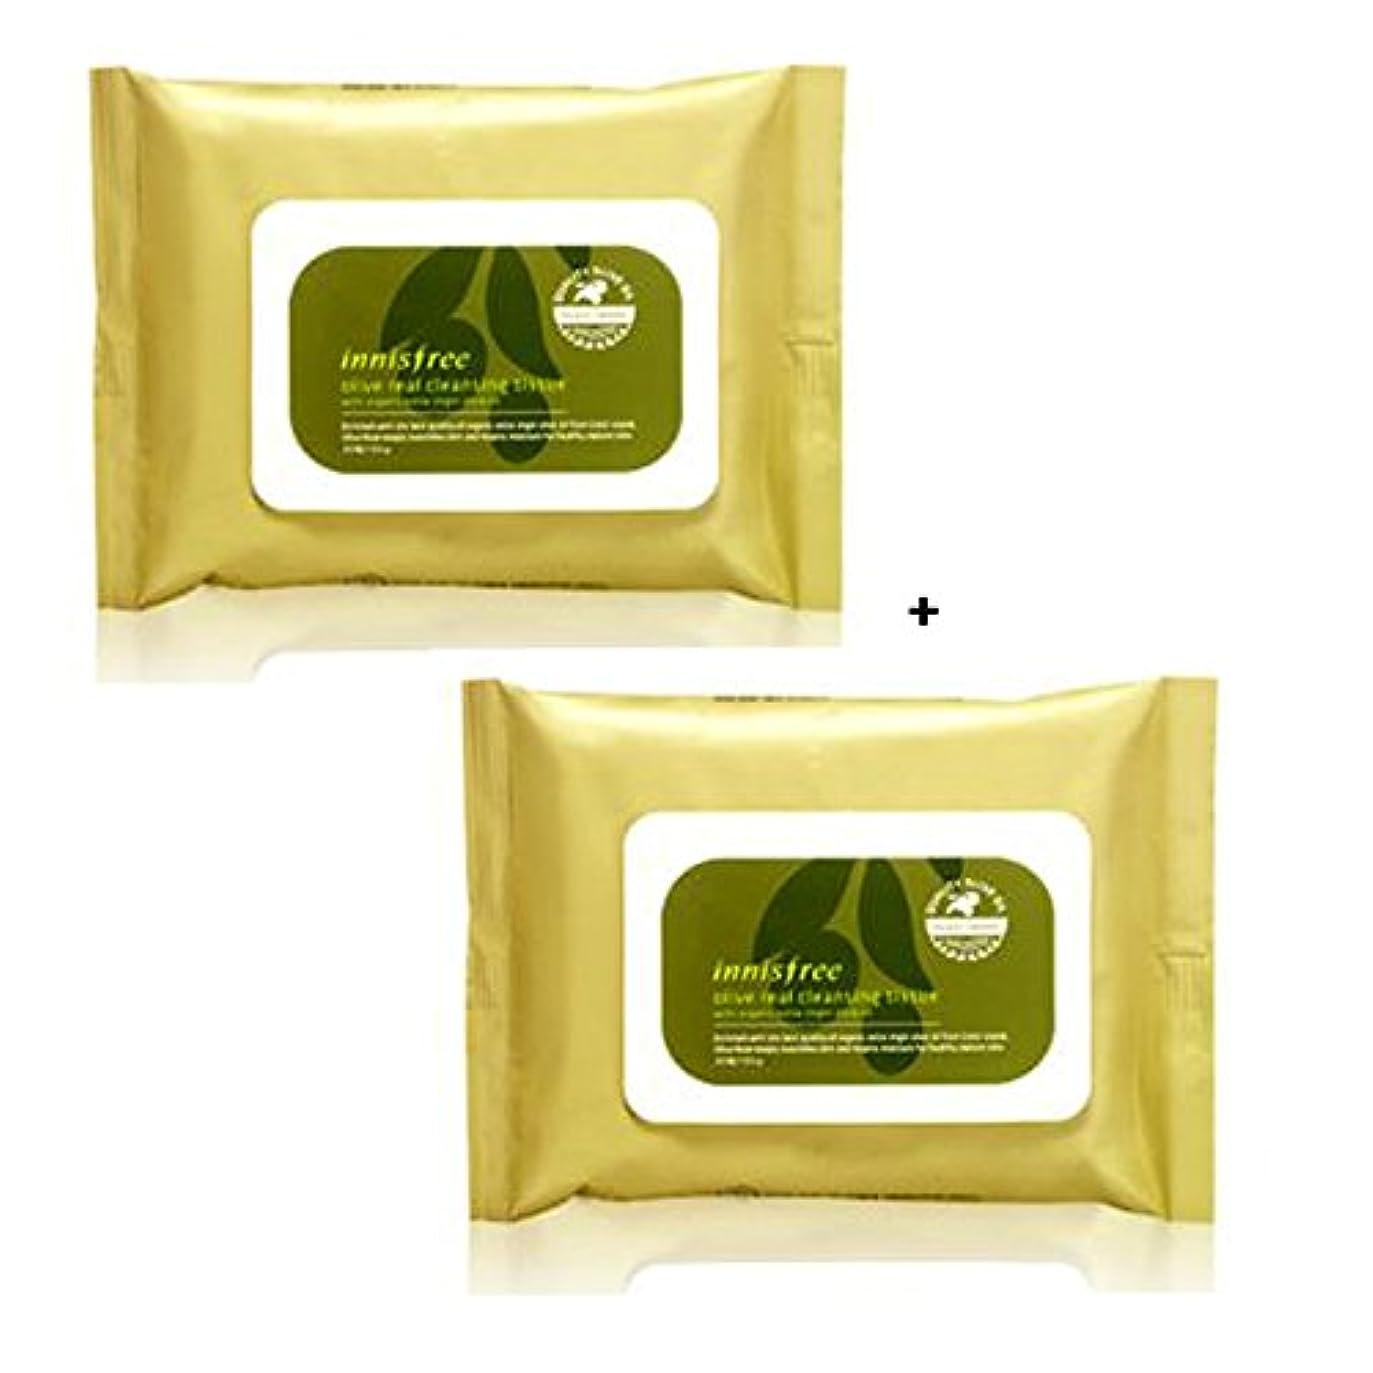 推測聖歌けん引イニスフリー Innisfree オリーブリアル クレンジングティッシュ (30枚x2) Innisfree Olive Real Cleansing Tissue (30sheetsx2Pcs) [海外直送品]